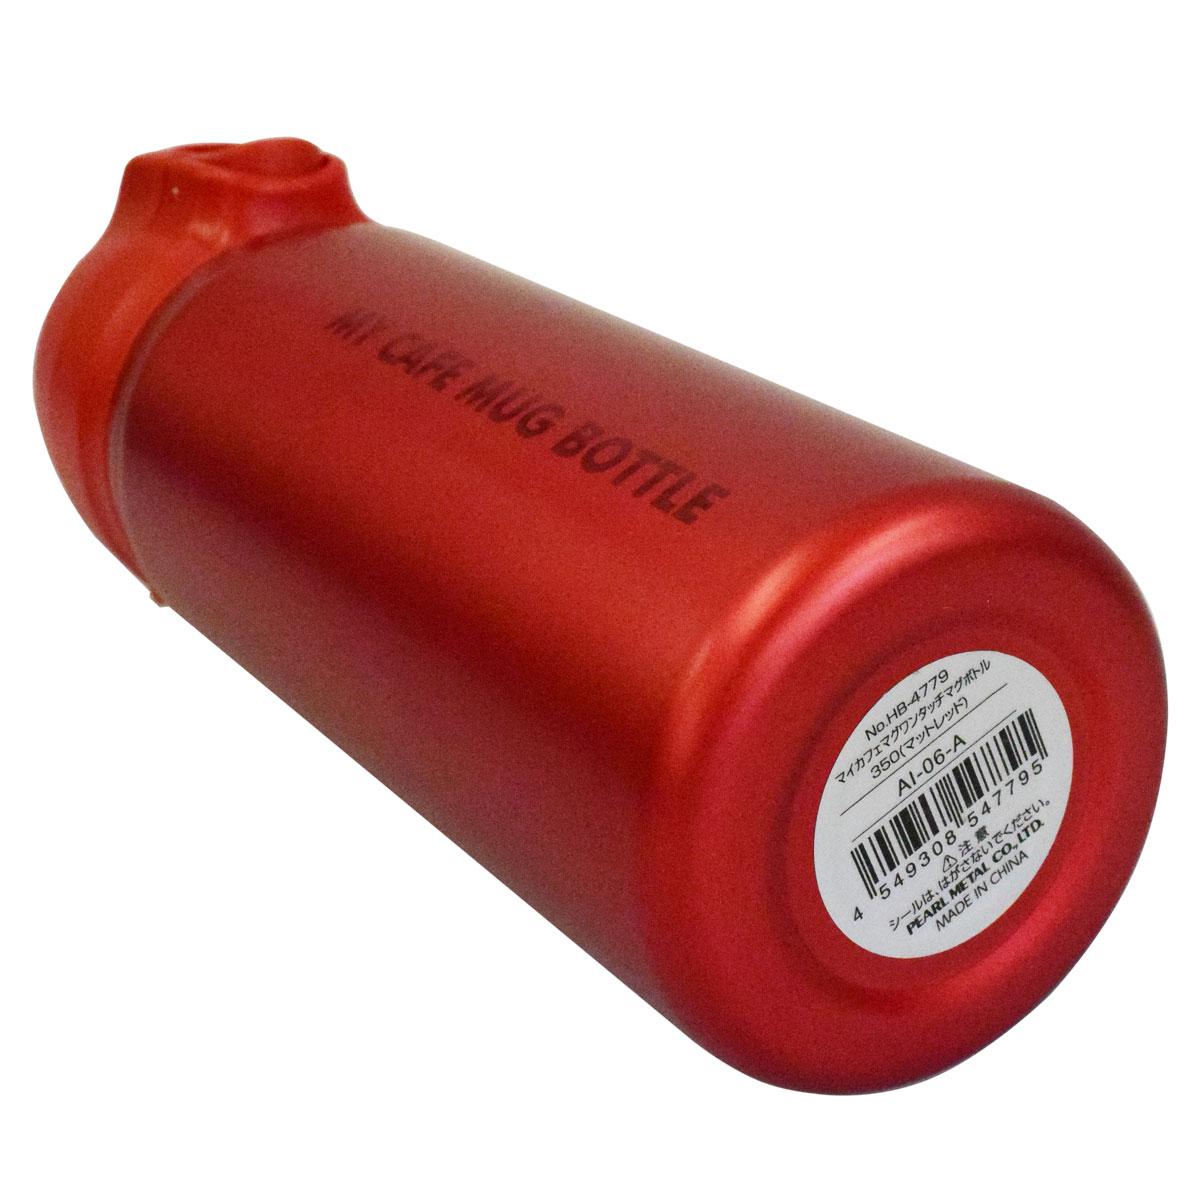 パール金属 マイカフェマグ ワンタッチマグボトル 350ml